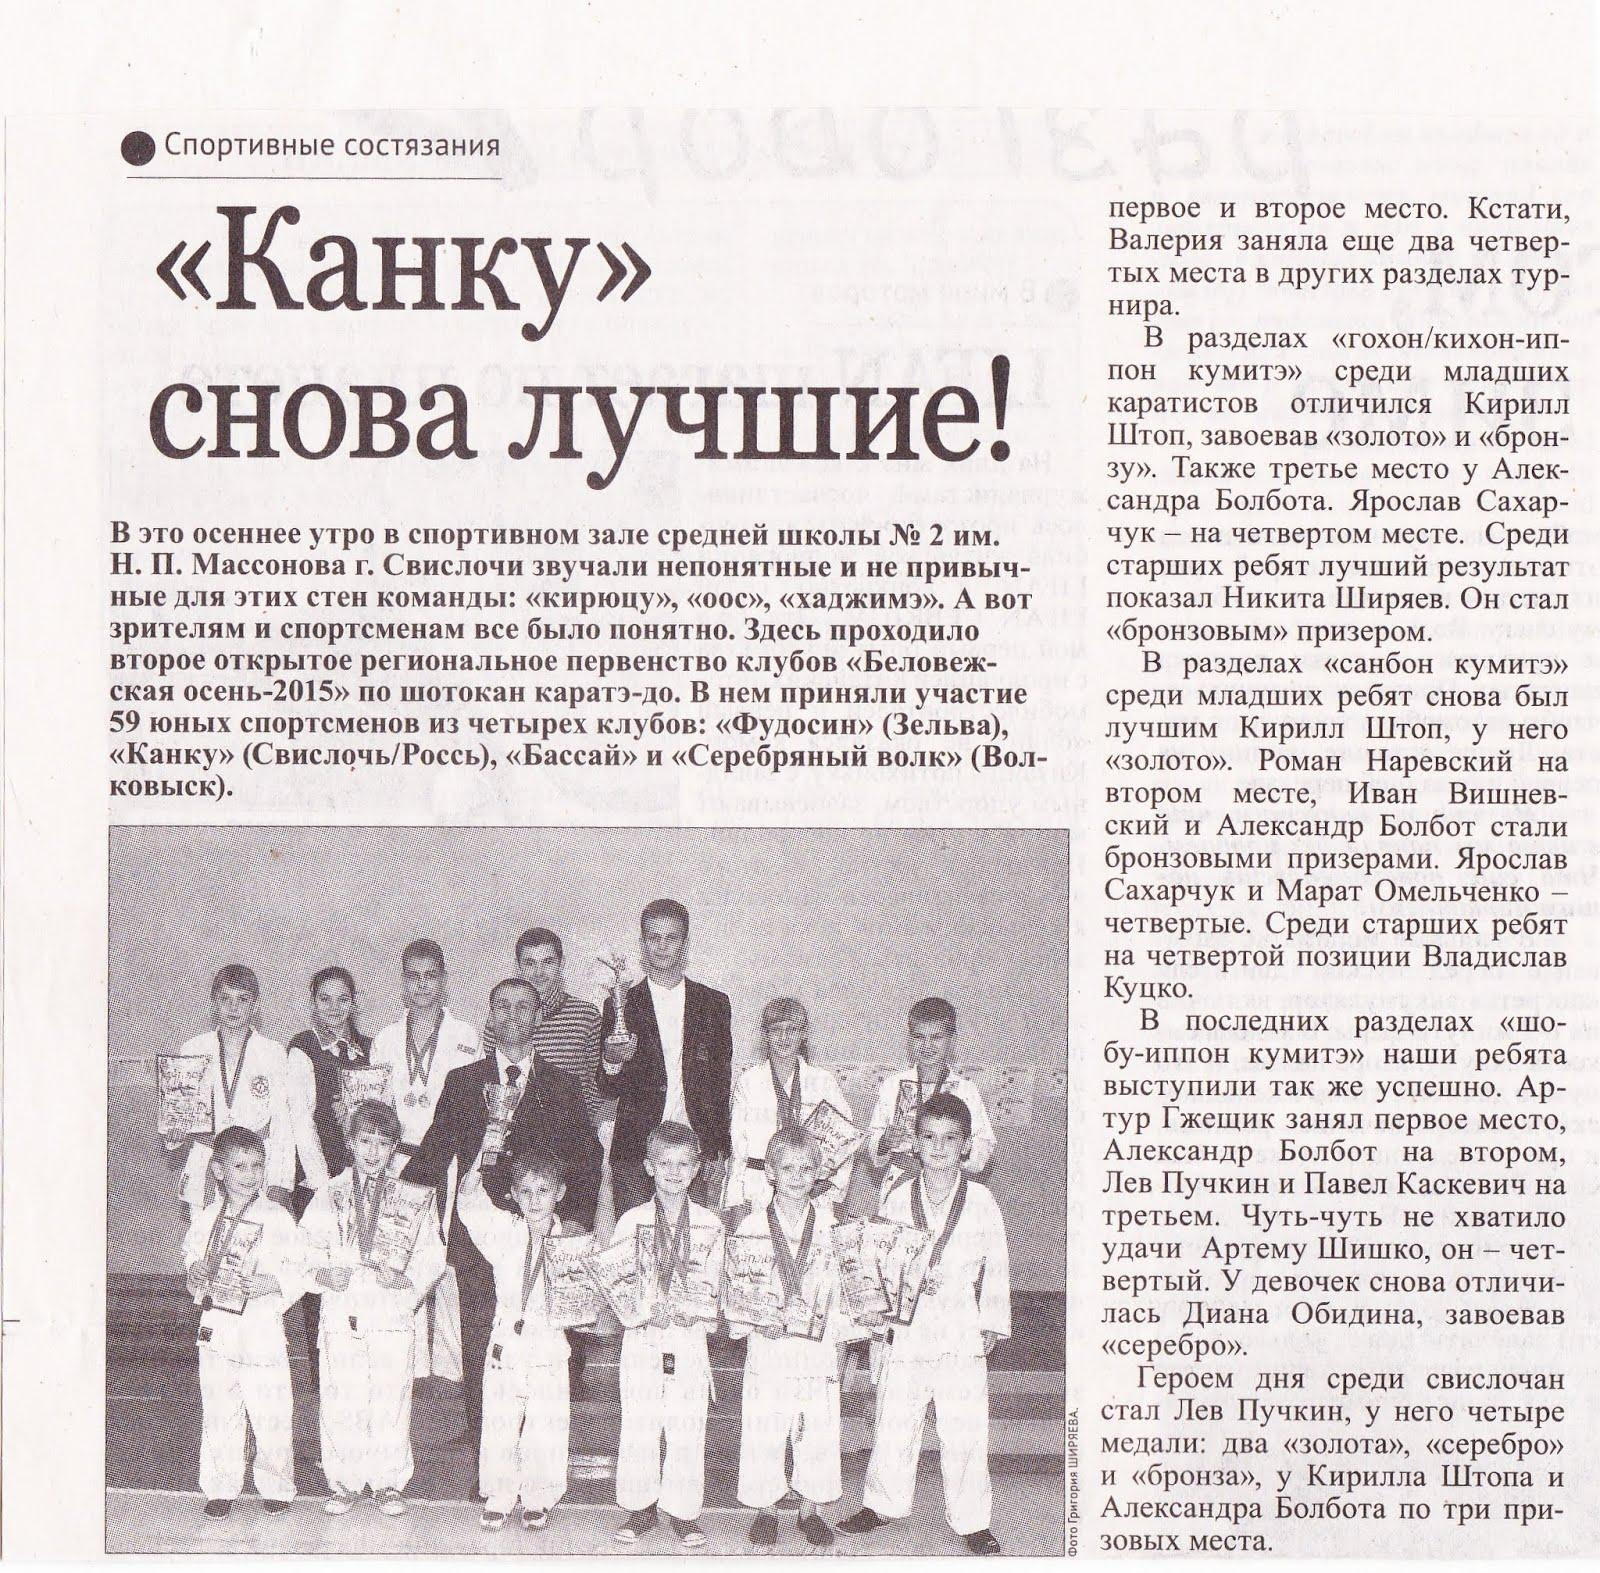 Статьи 2007-2015 гг.